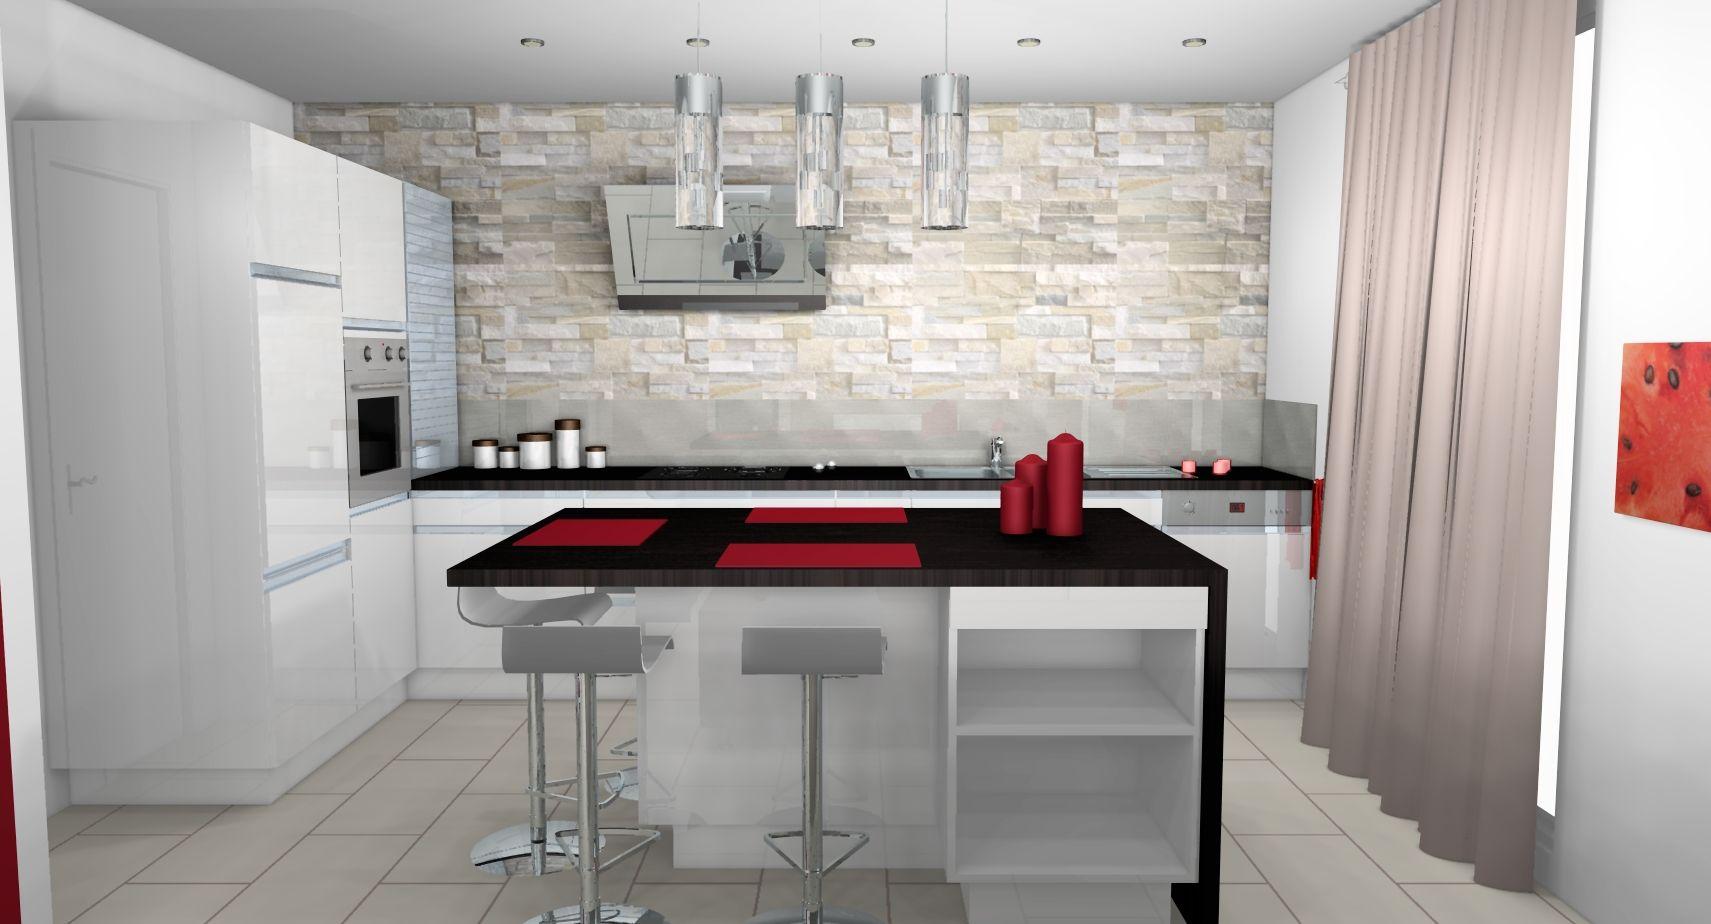 cuisine-moderne-parement-pierre-contemporain-mobilier-laque-blanc ...